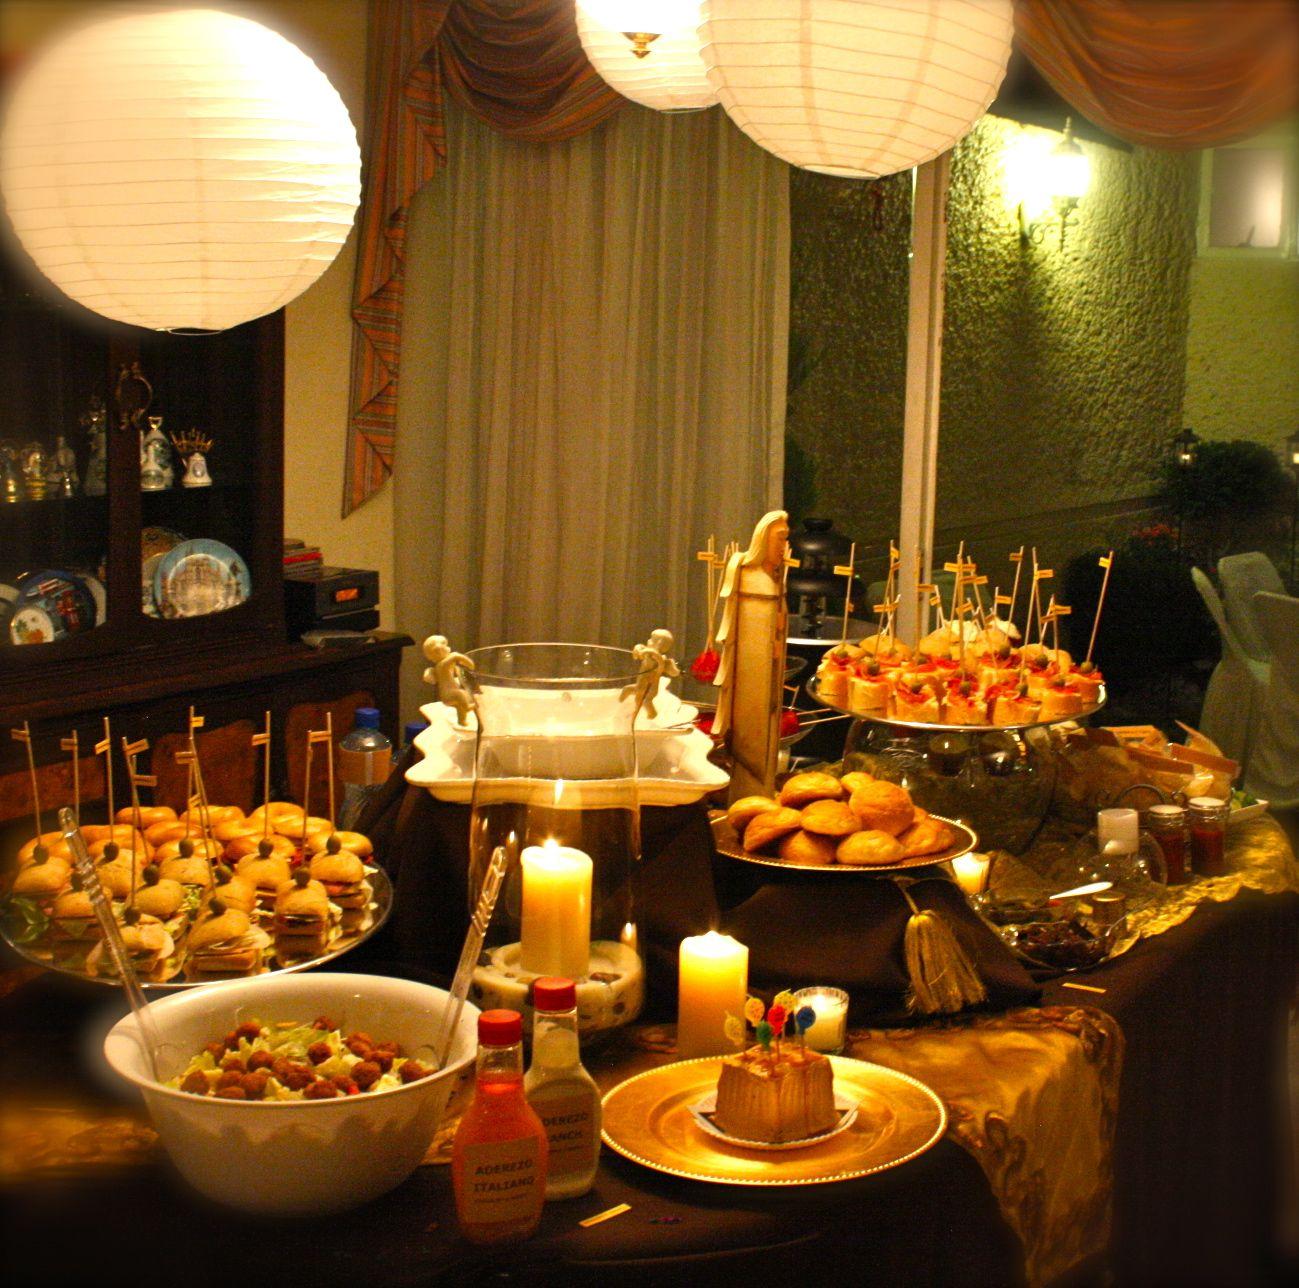 Snack s buffet montado para cumplea os en casa privada fiestas en casa pinterest buffet for Casa jardin buffet